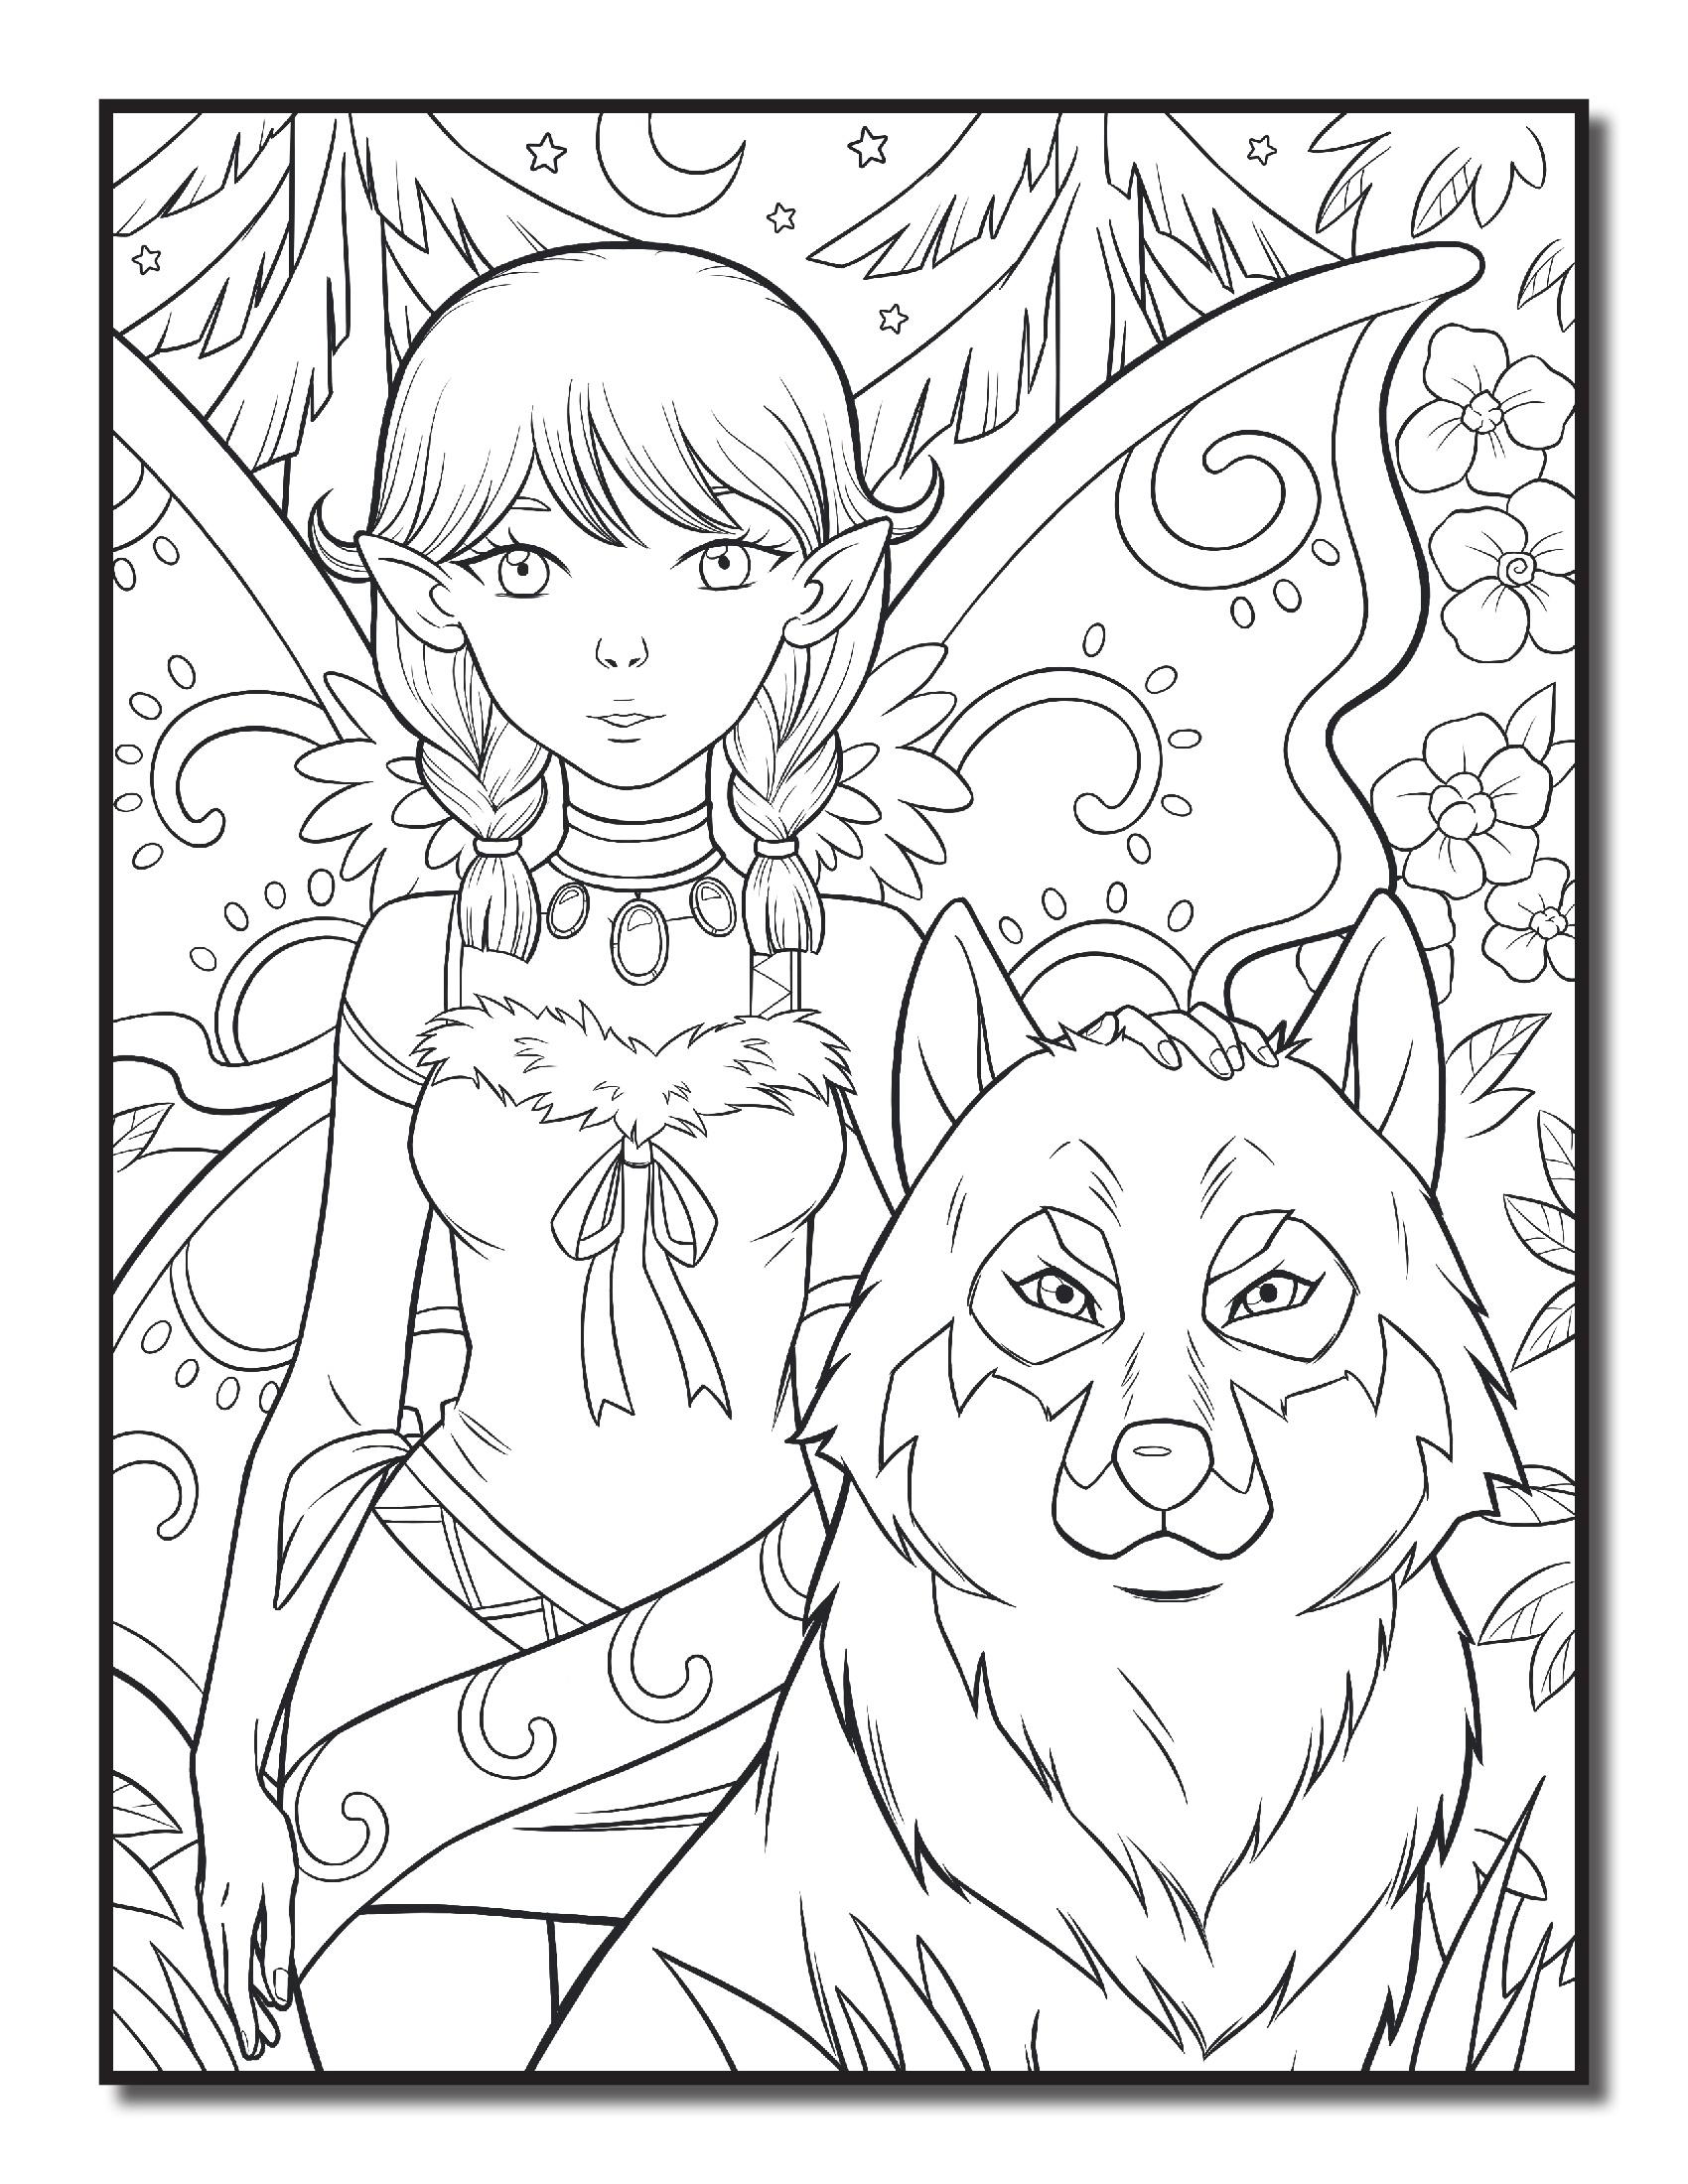 фея охотник и волк феи и эльфы раскраски антистресс